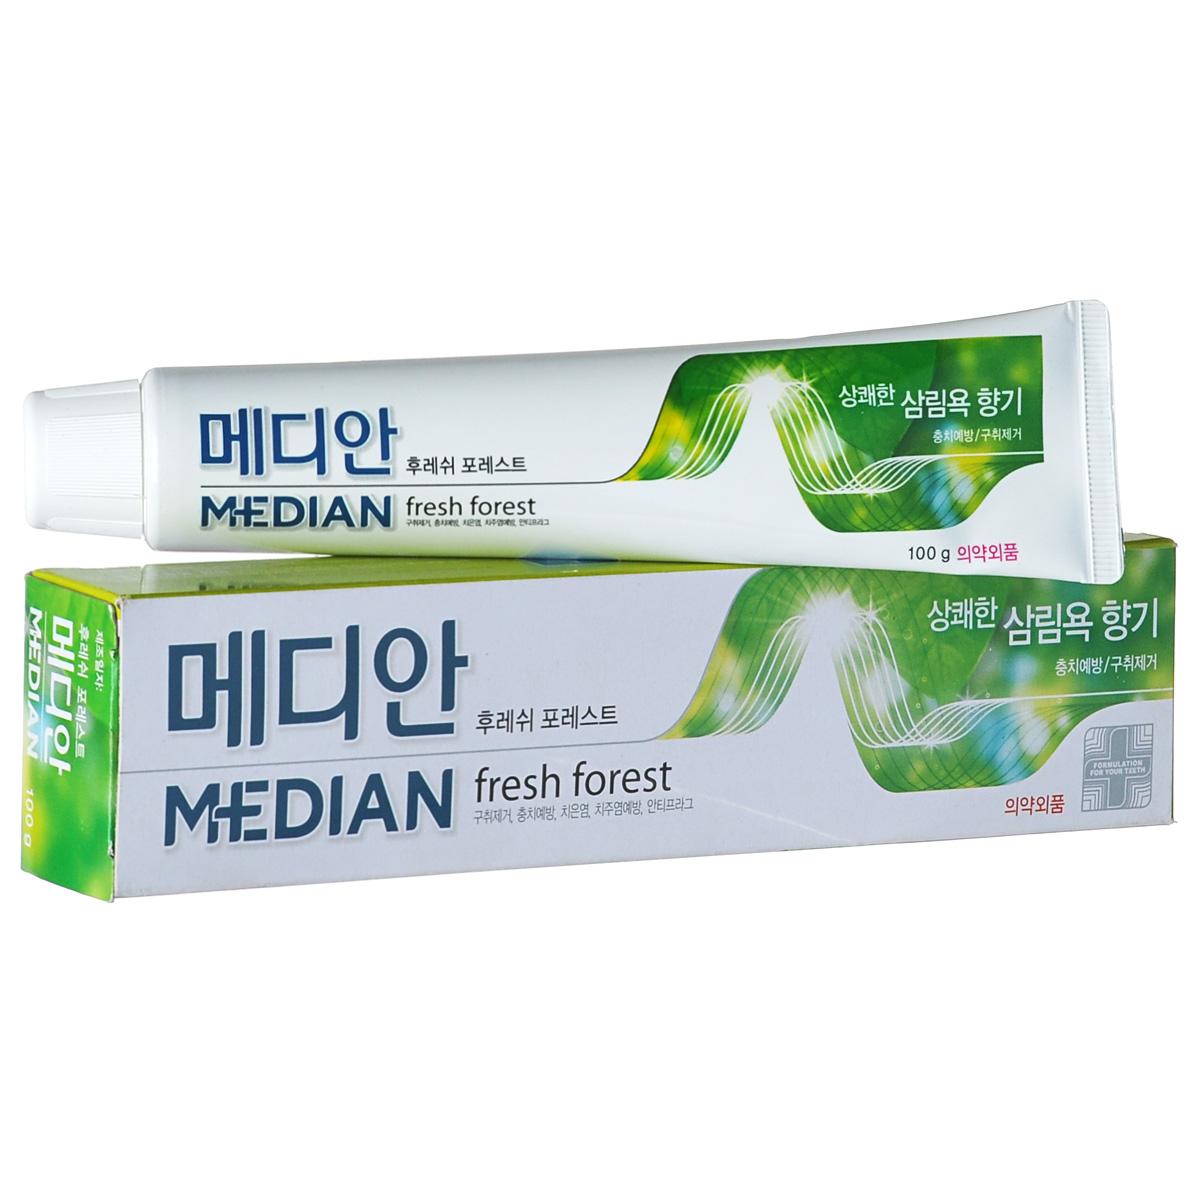 Median Зубная паста Forest, 100 г14275Содержащиеся в зеленом чае флавоноиды и полифенолы, устраняя неприятный запах изо рта, заботятся о свежести дыхания долгое время после чистки. Тетрапирофосфат натрия предотвращает появление зубного камня, являющегося основной причиной изменения цвета зубной эмали. Содержит фитонциды.